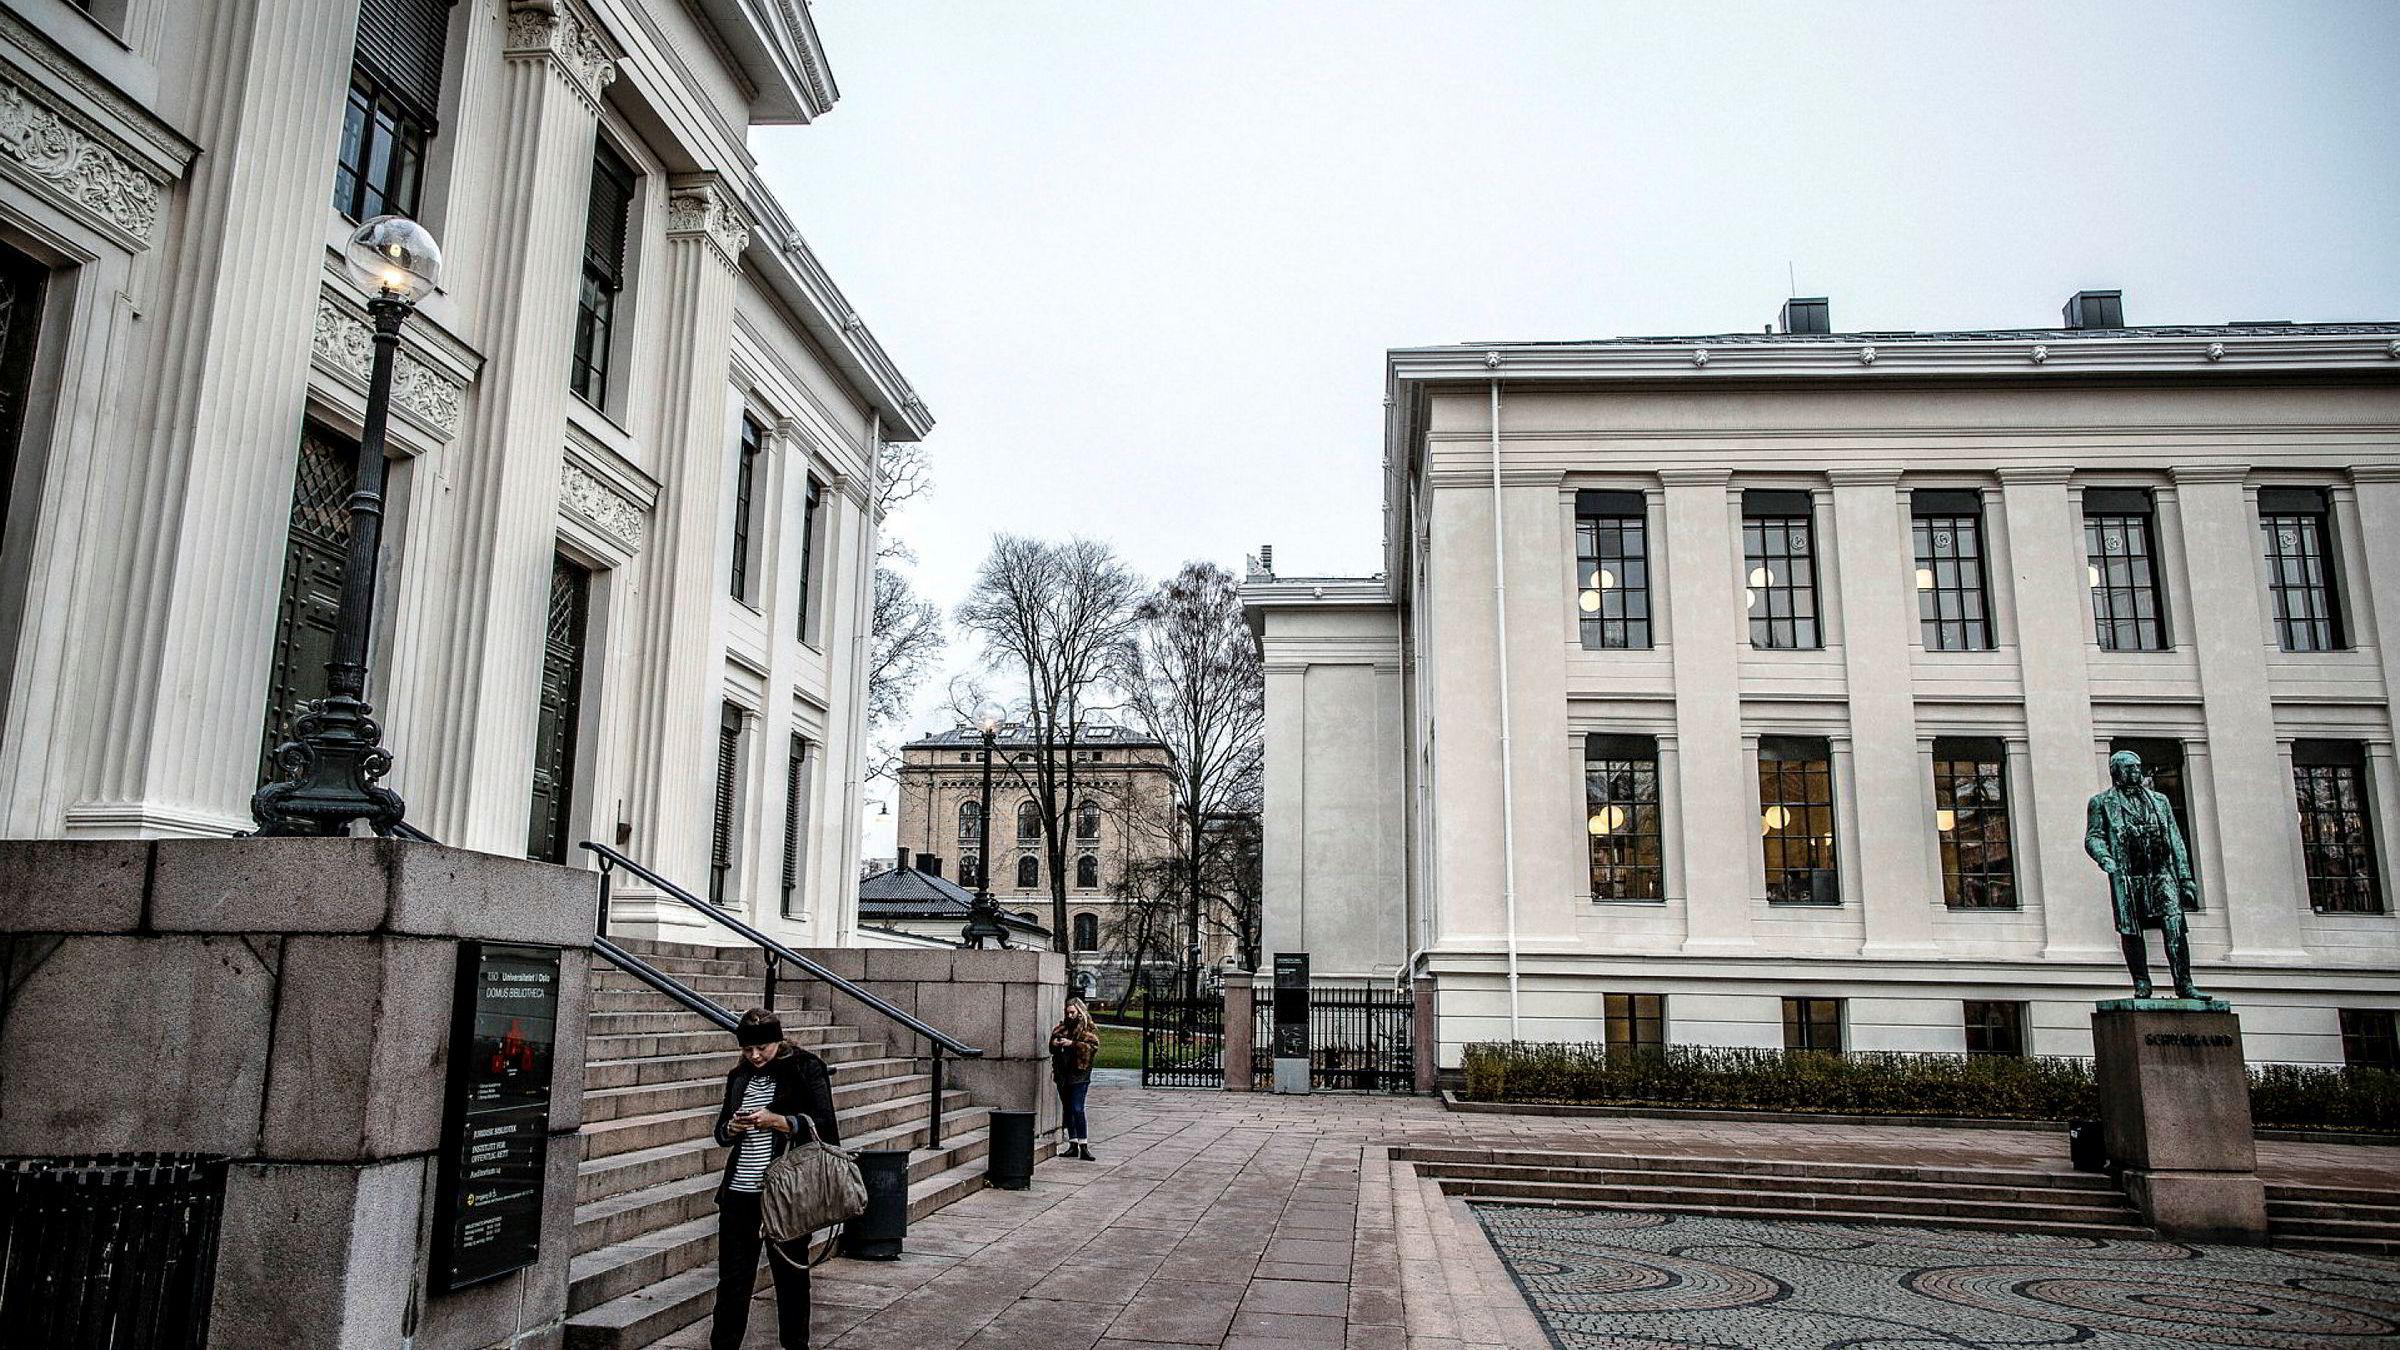 Det juridiske fakultet vedUniversitetet i Oslo. Universitetet faller 29 plasser på årets QS-rangering.